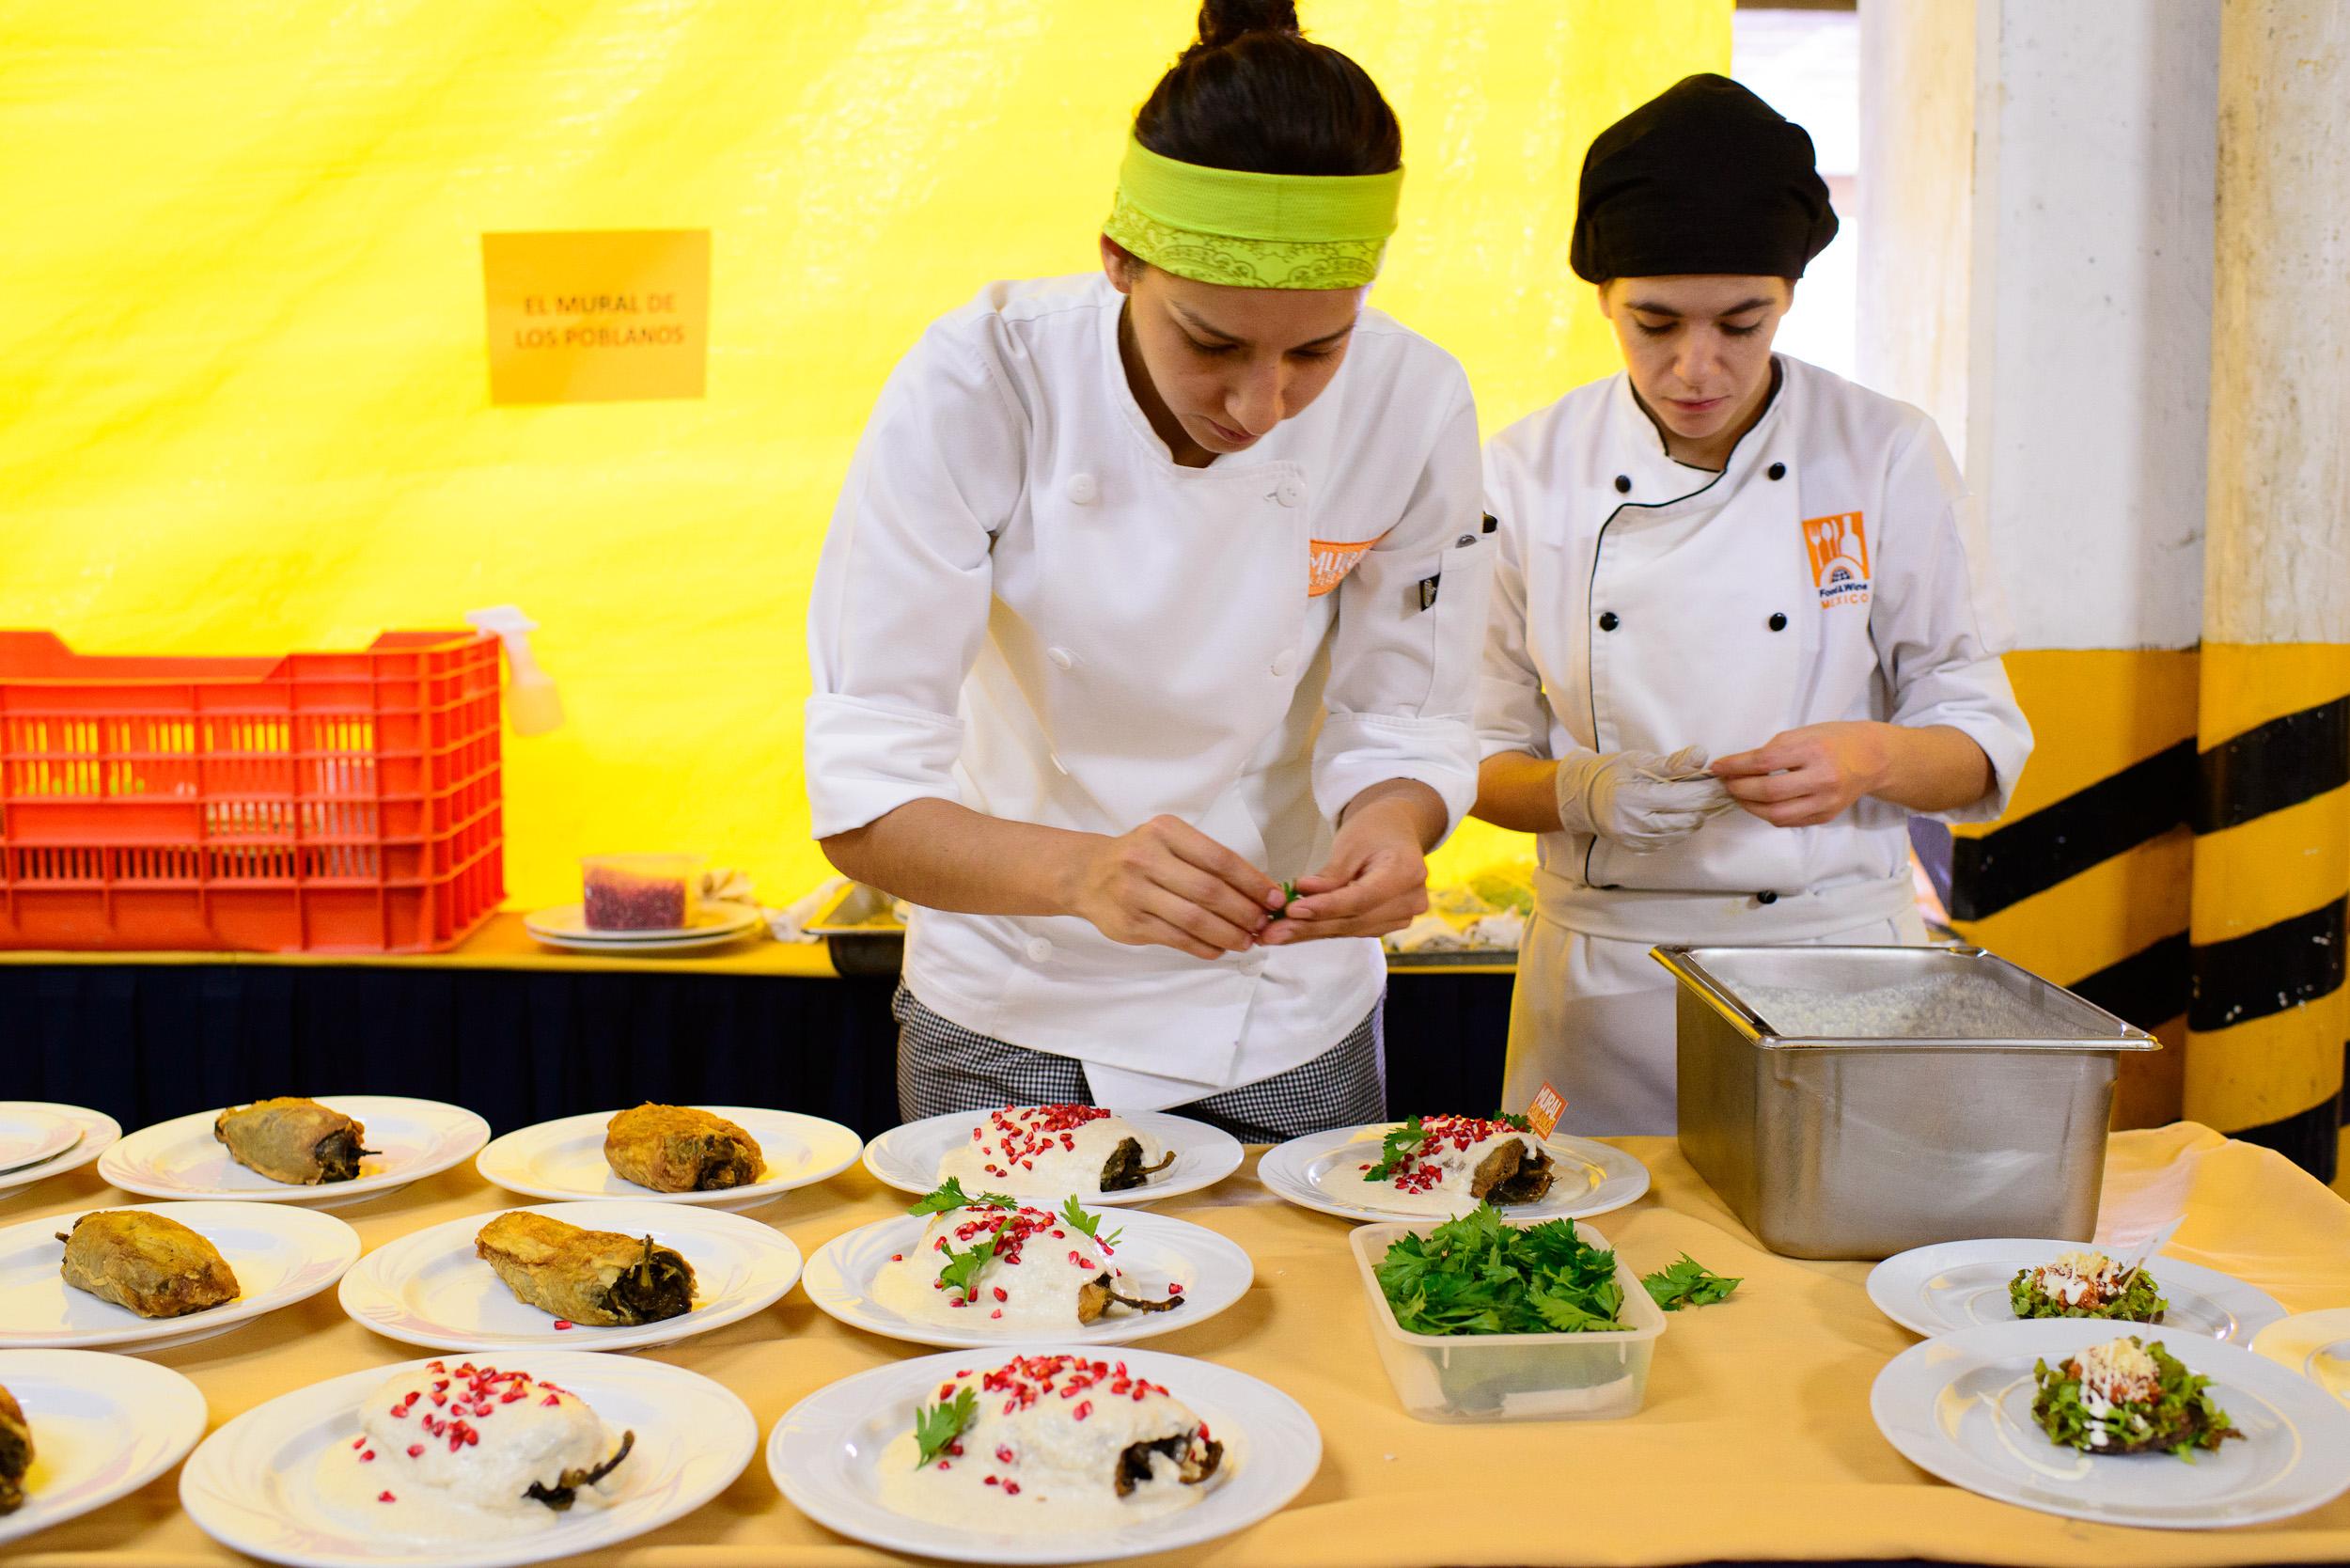 Chef Liz Galicia and assistant of El Mural de los Poblanos plati